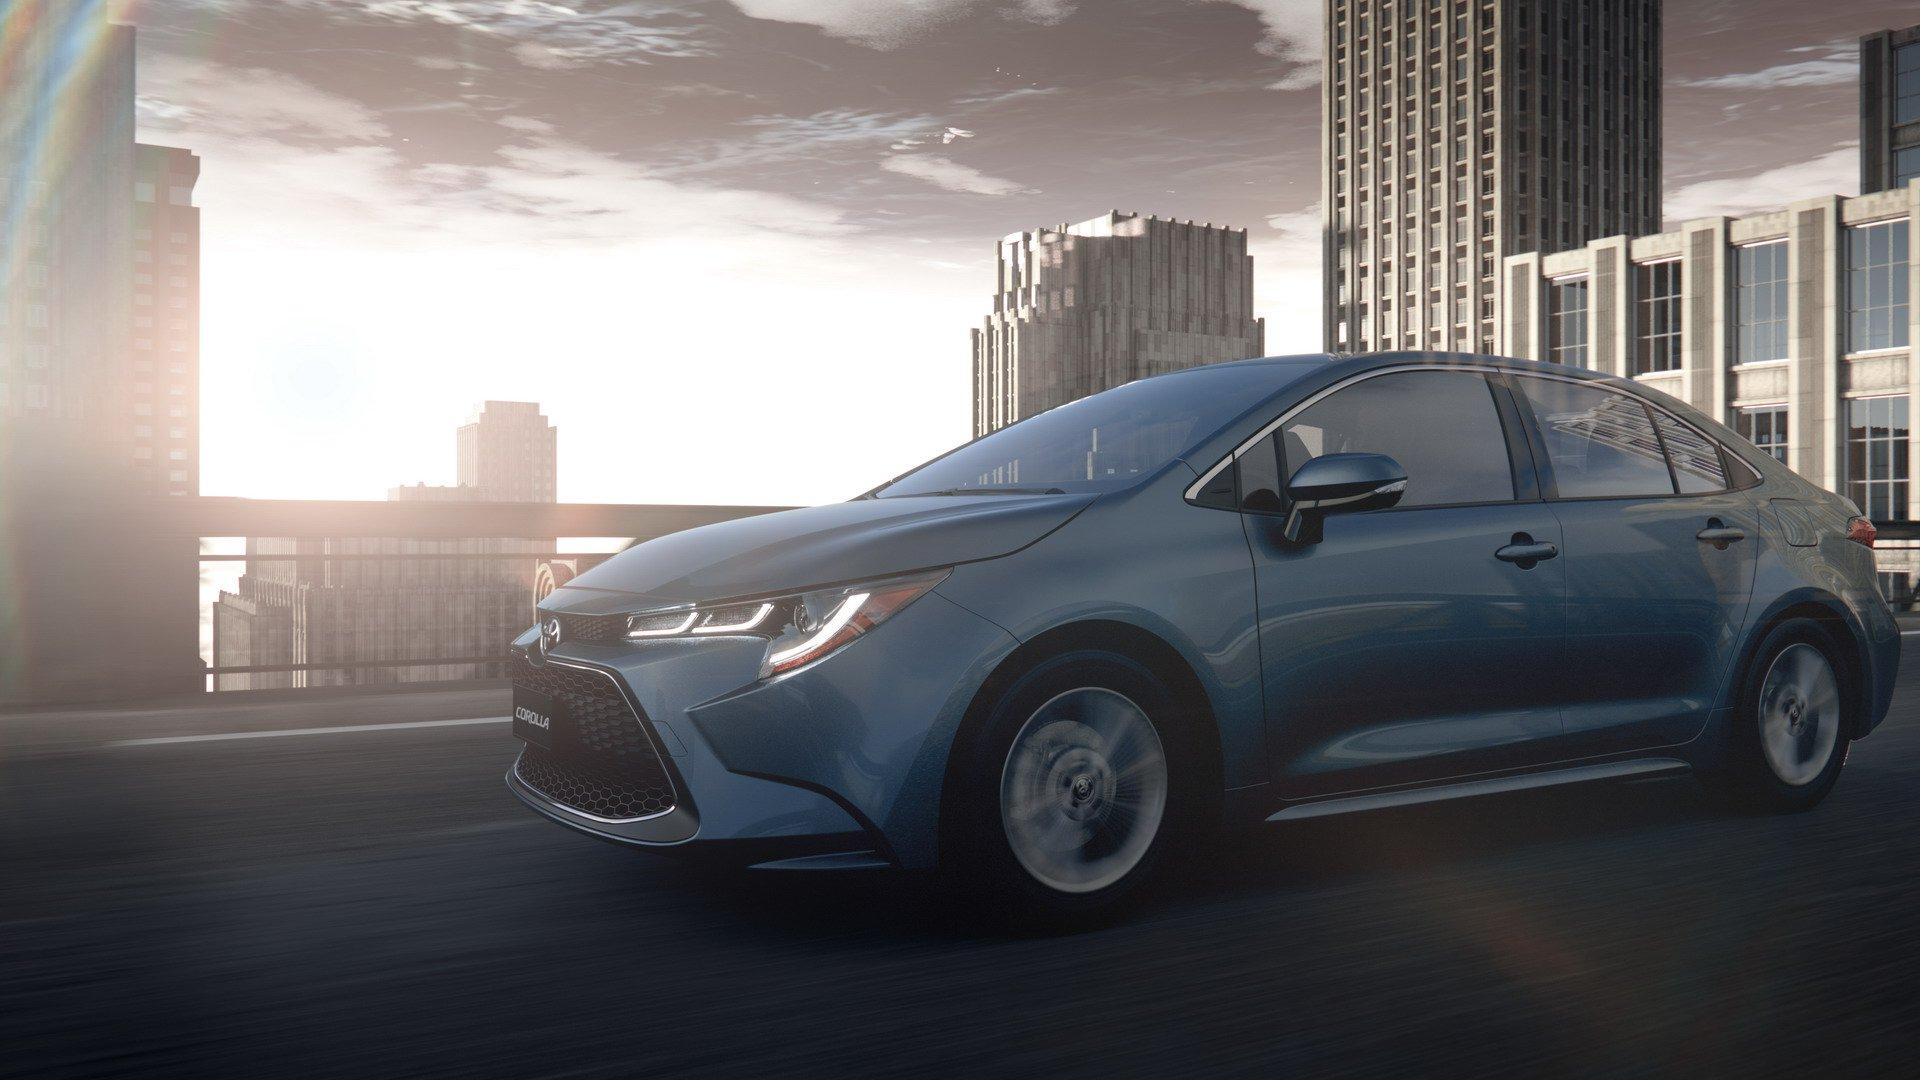 Светска премиера на бестселерот на Toyota: новиот Corolla Седан / ФОТО+ВИДЕО